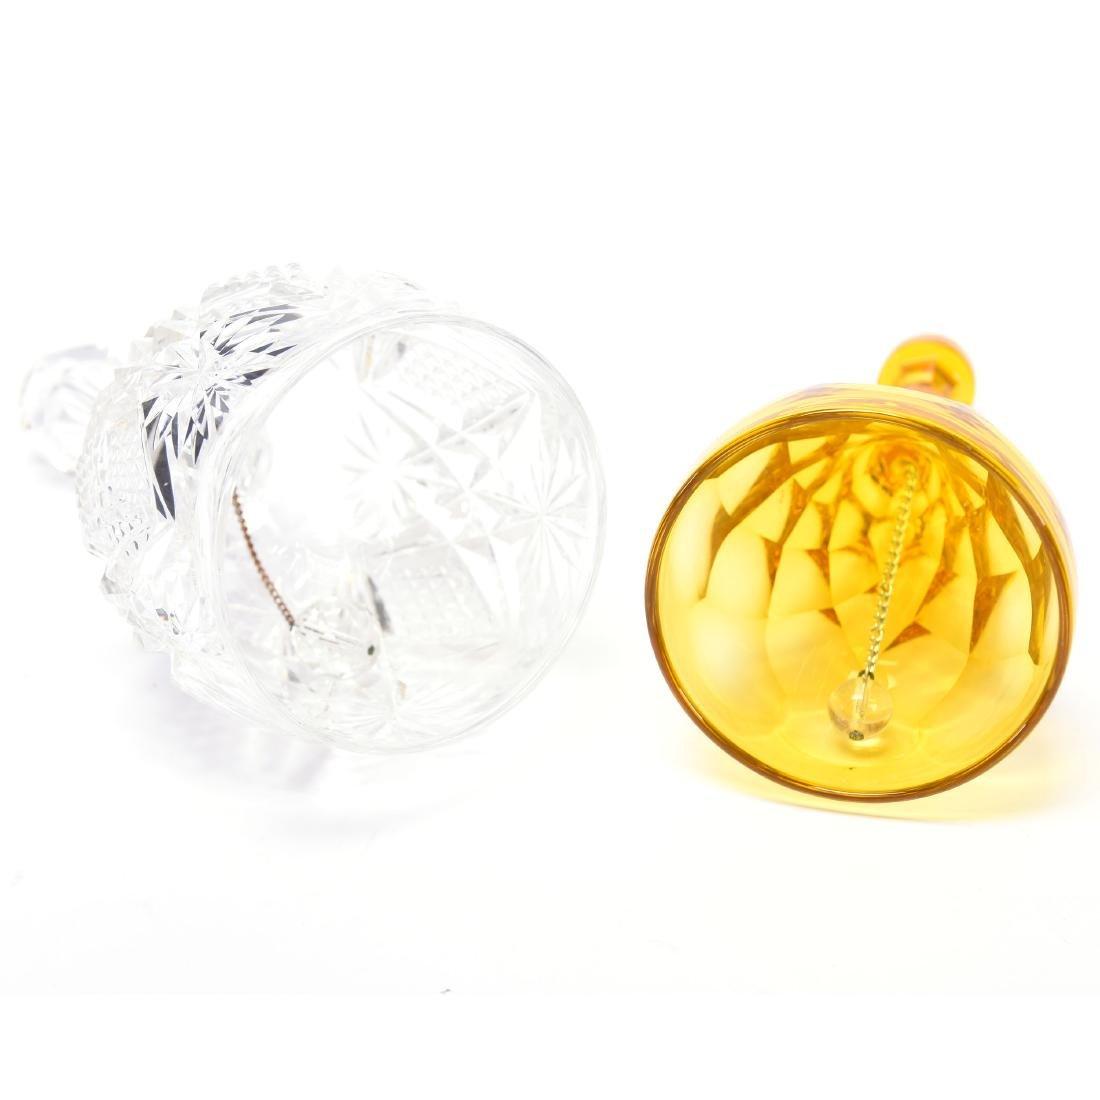 (2) Bells, (1) Diamond & Fan, (1) St. Louis Diamond - 3